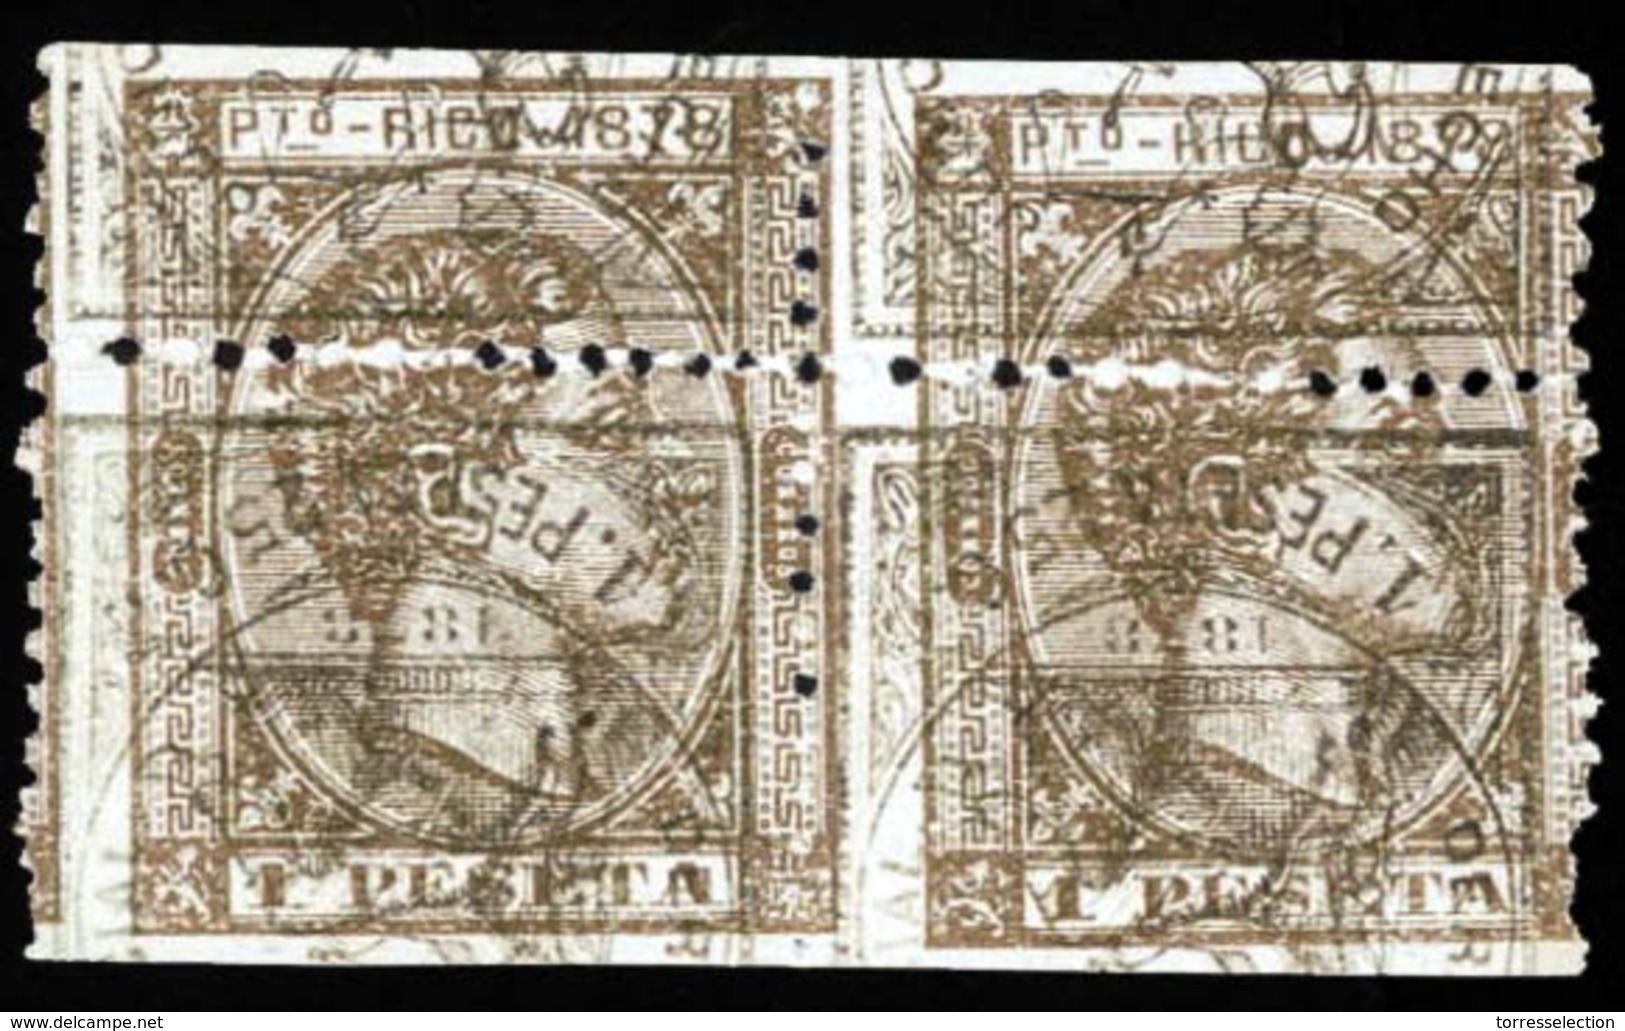 PUERTO RICO. PRUEBA. Bloque De 2. 1pta Castaño Bronce Sobre Impresión De España De 1878 De Derecho Judicial 1 Pta 25c, I - Puerto Rico